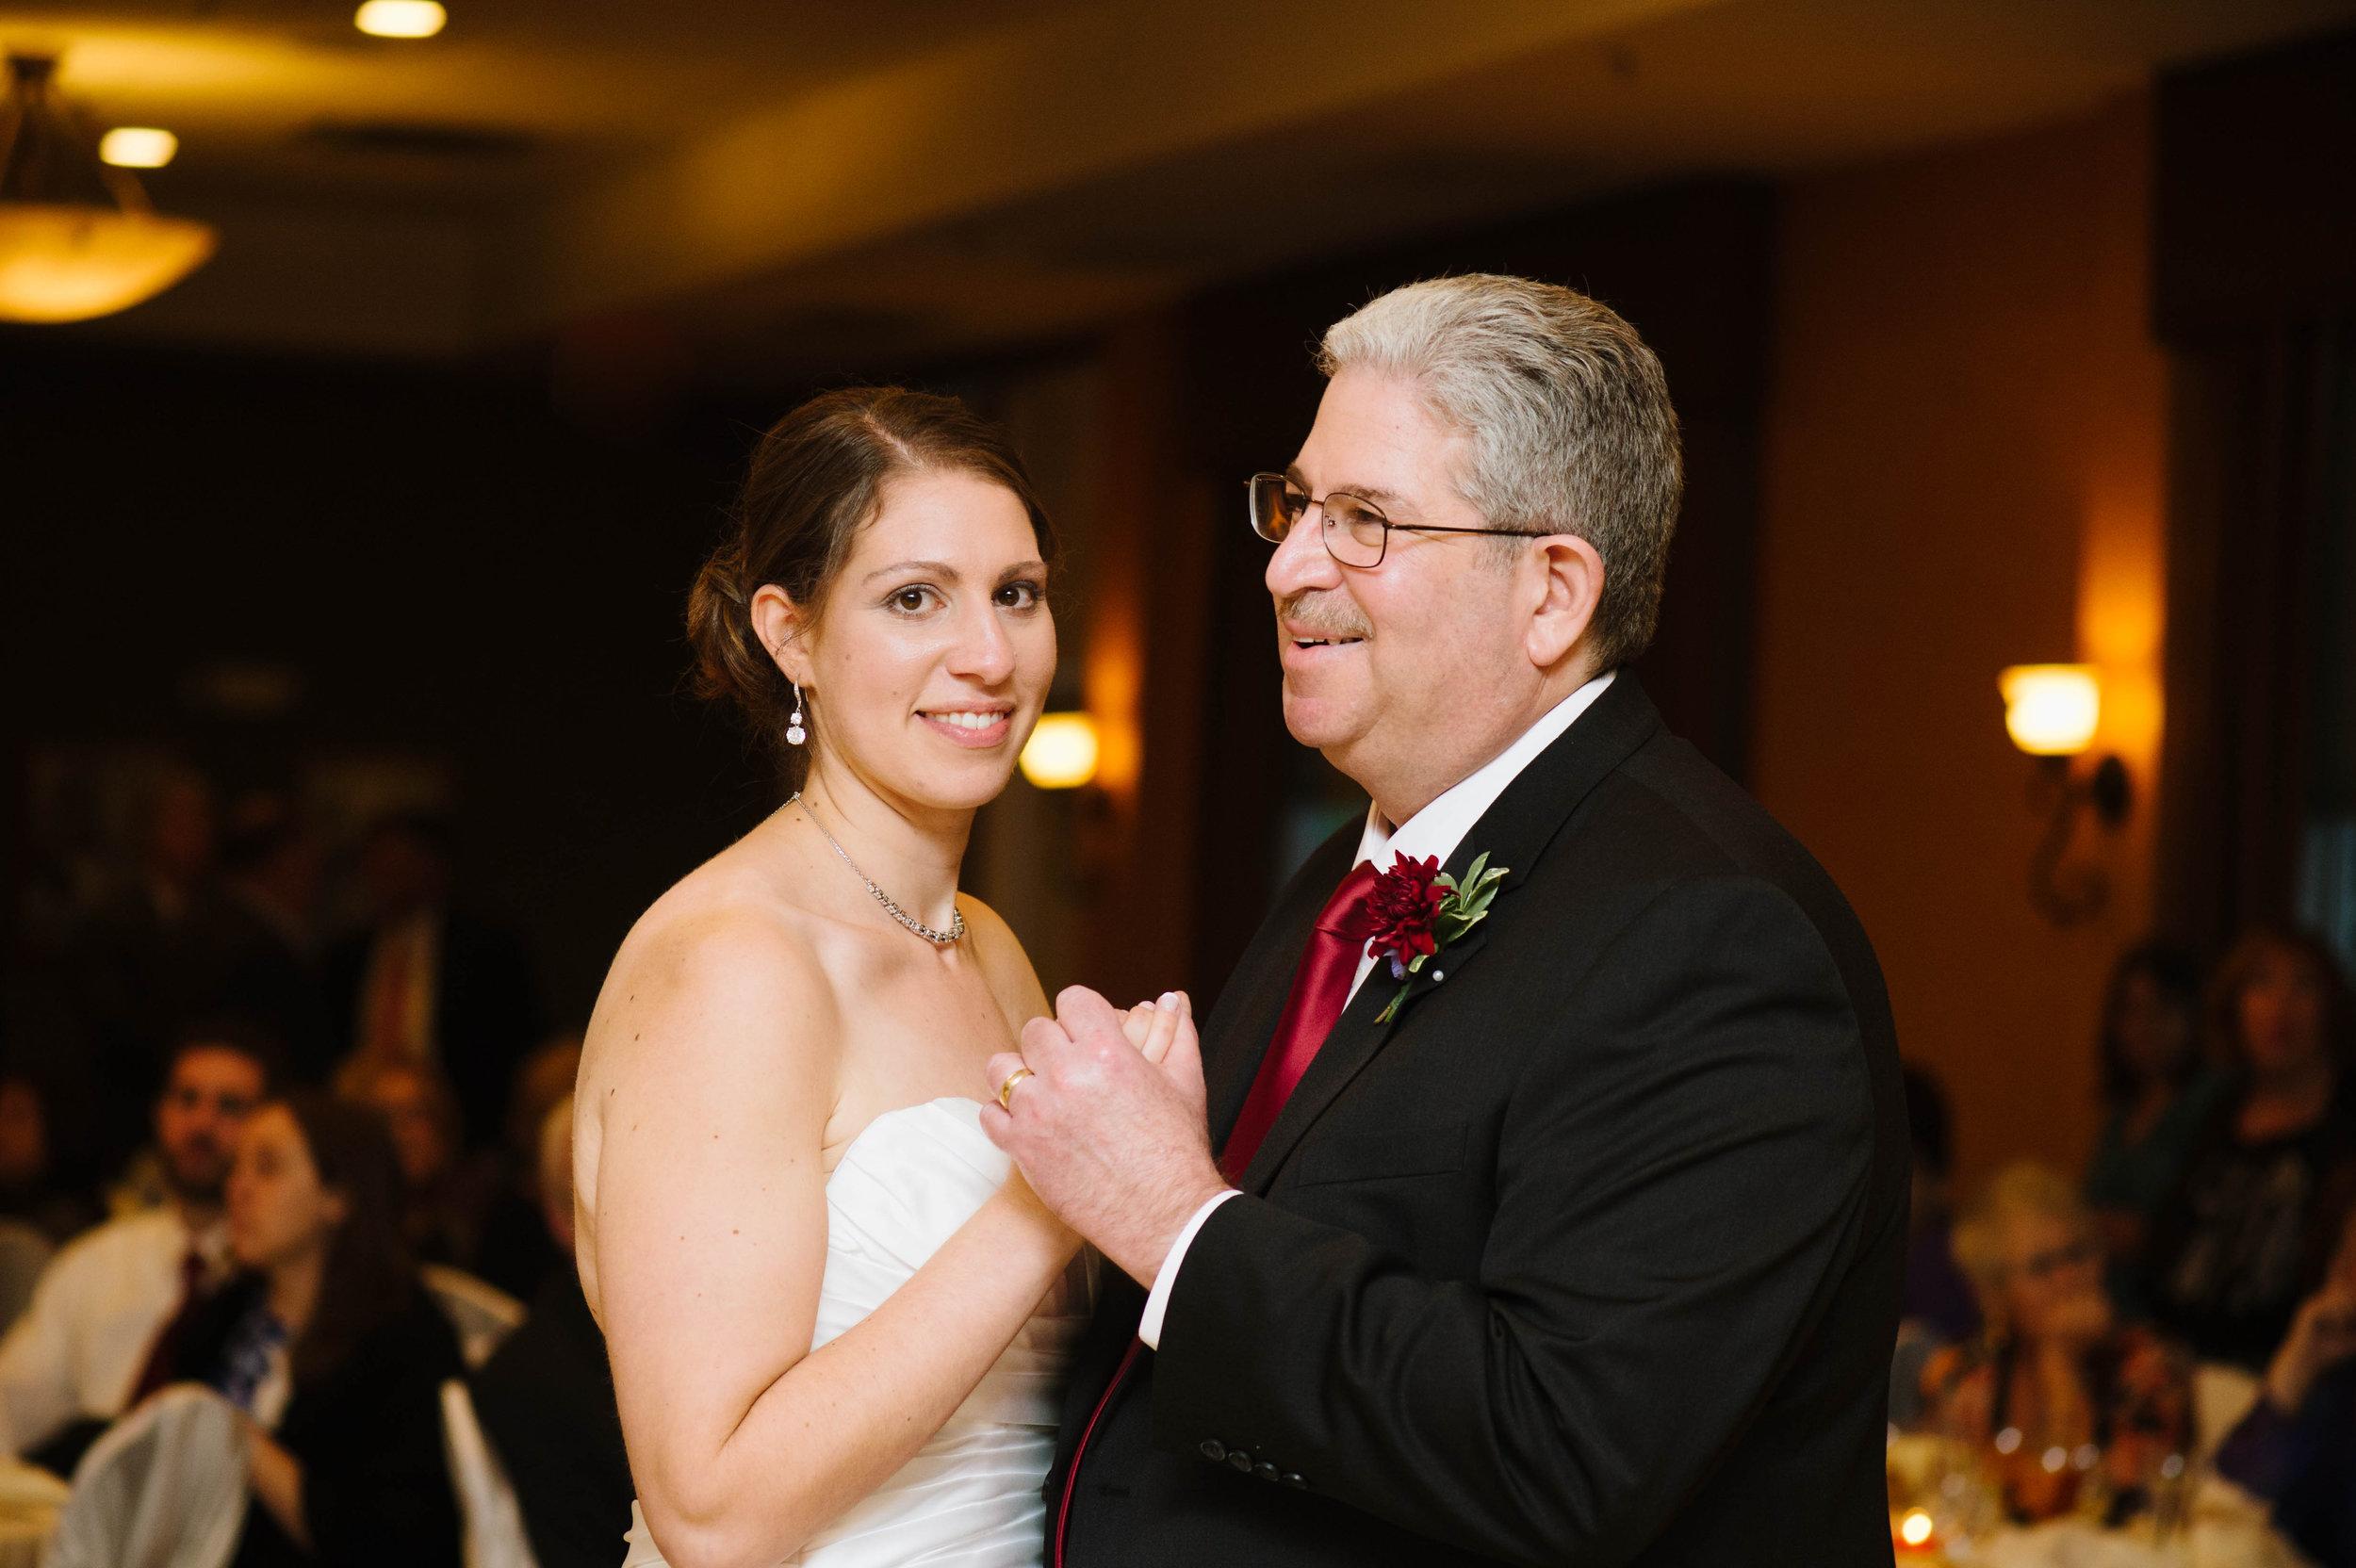 Candid-Wedding-Photography-Massachusetts023.jpg